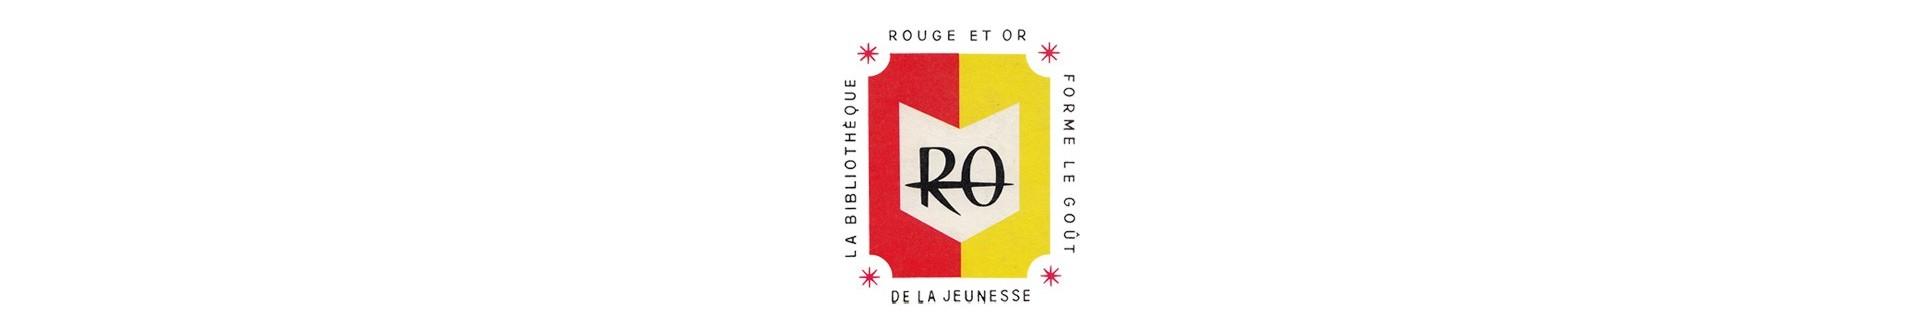 Bibliothèque Rouge et Or | Éditions G.P. | Vente de livres d'occasion